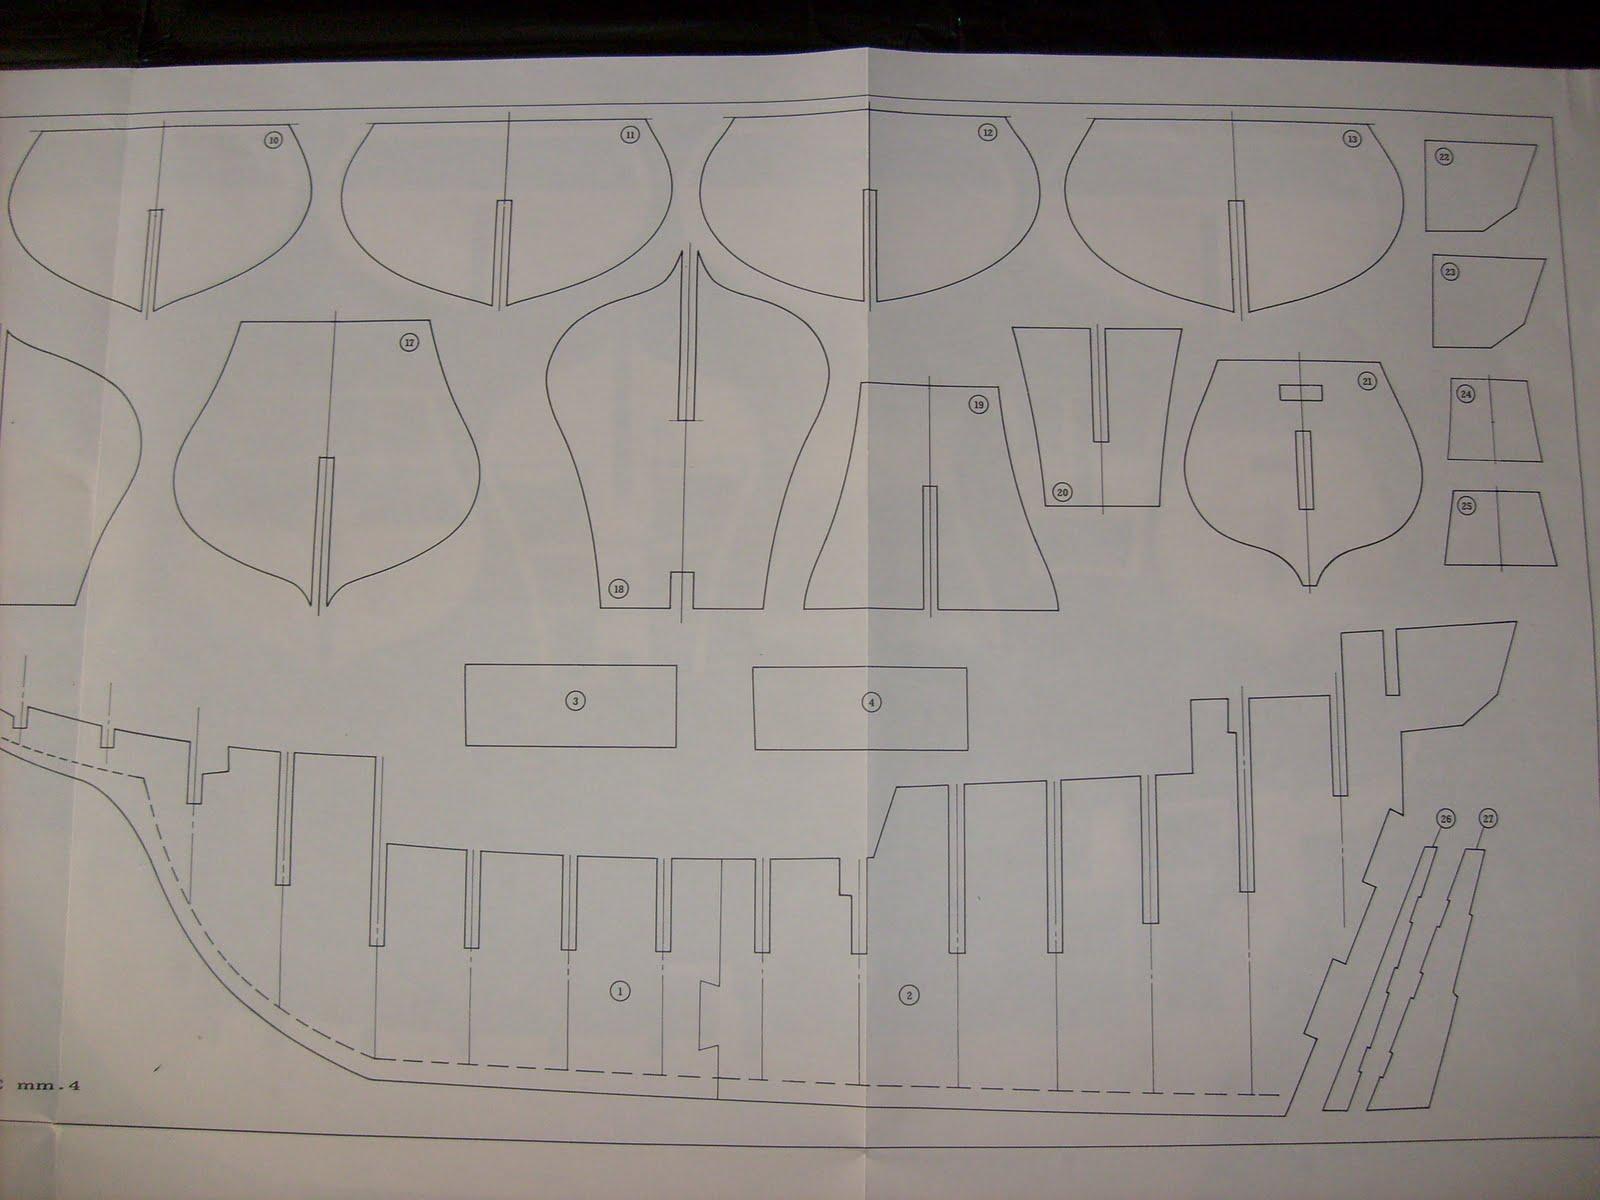 Galeone elisabettiano inizio dei lavori for Come costruire un mazzo di 2 piani